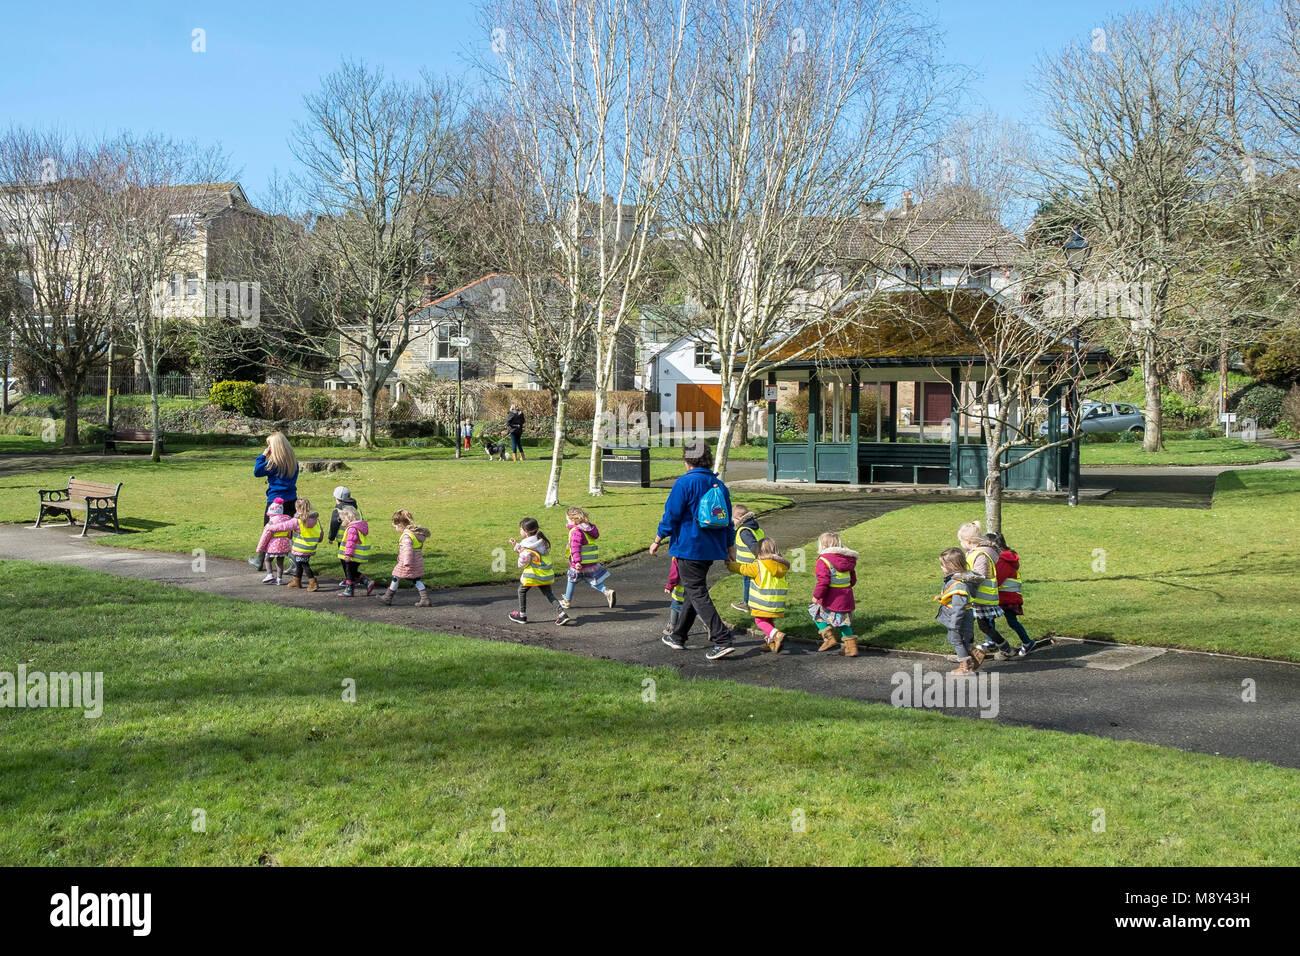 Kinder aus einem Kindergarten und ihre Lehrer gehen obwohl Trenance Gärten in Newquay Cornwall. Stockbild